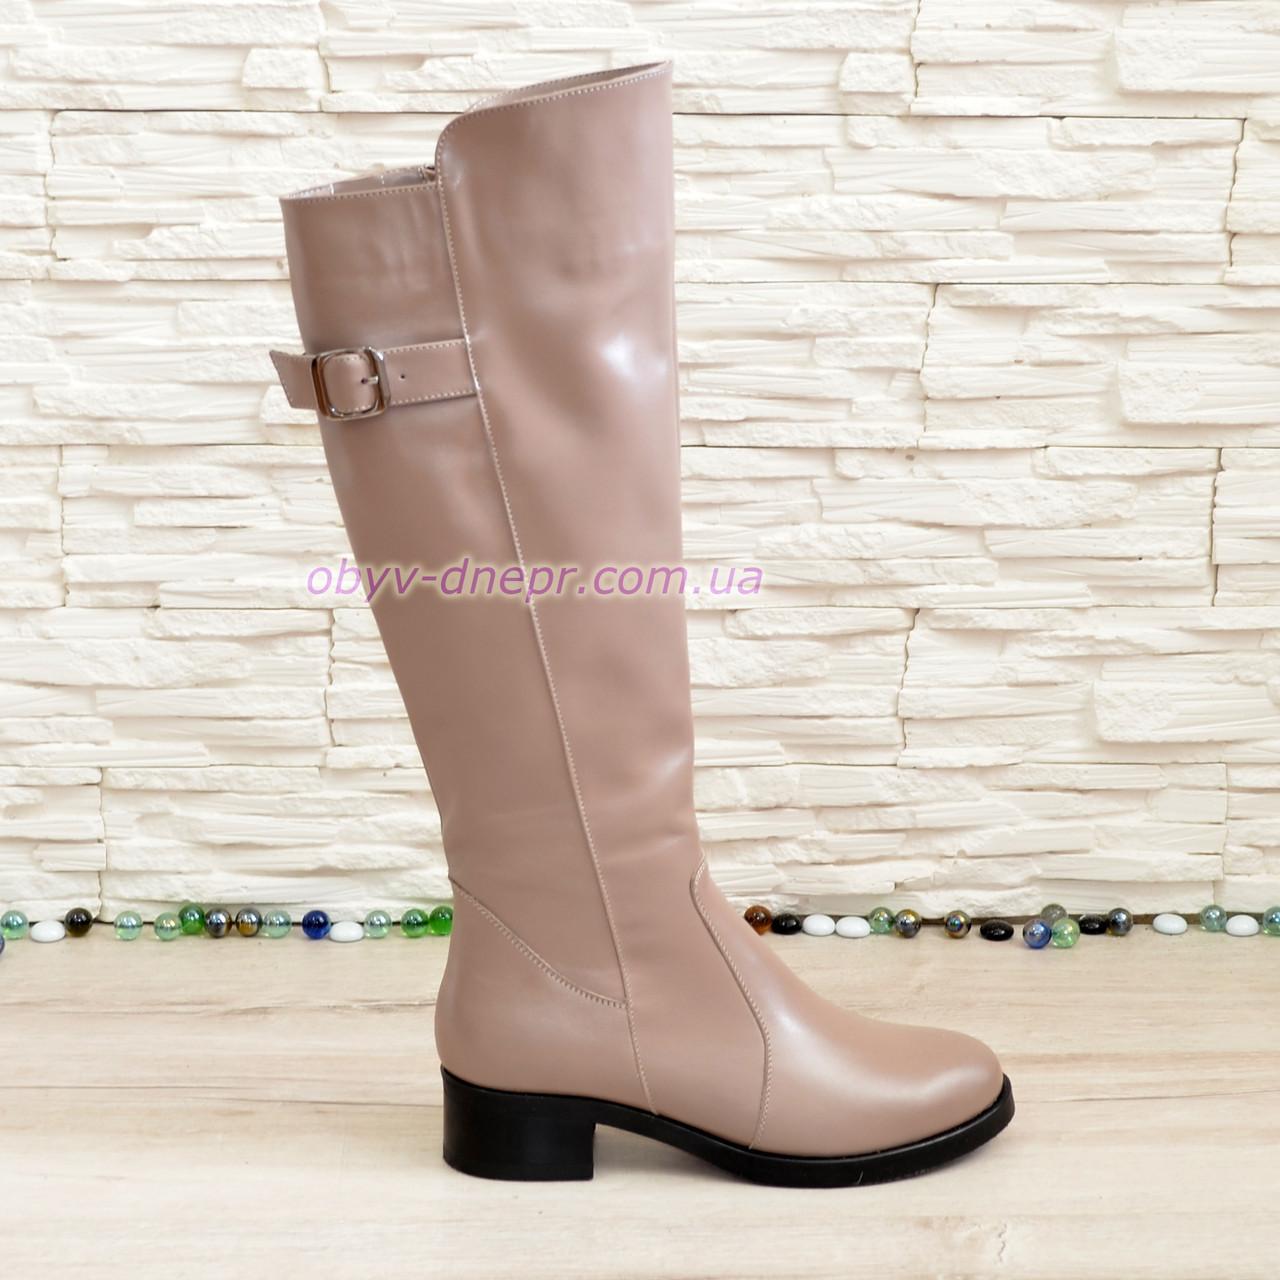 04292f12 Сапоги женские демисезонные кожаные на невысоком устойчивом каблуке, цвет  визон.